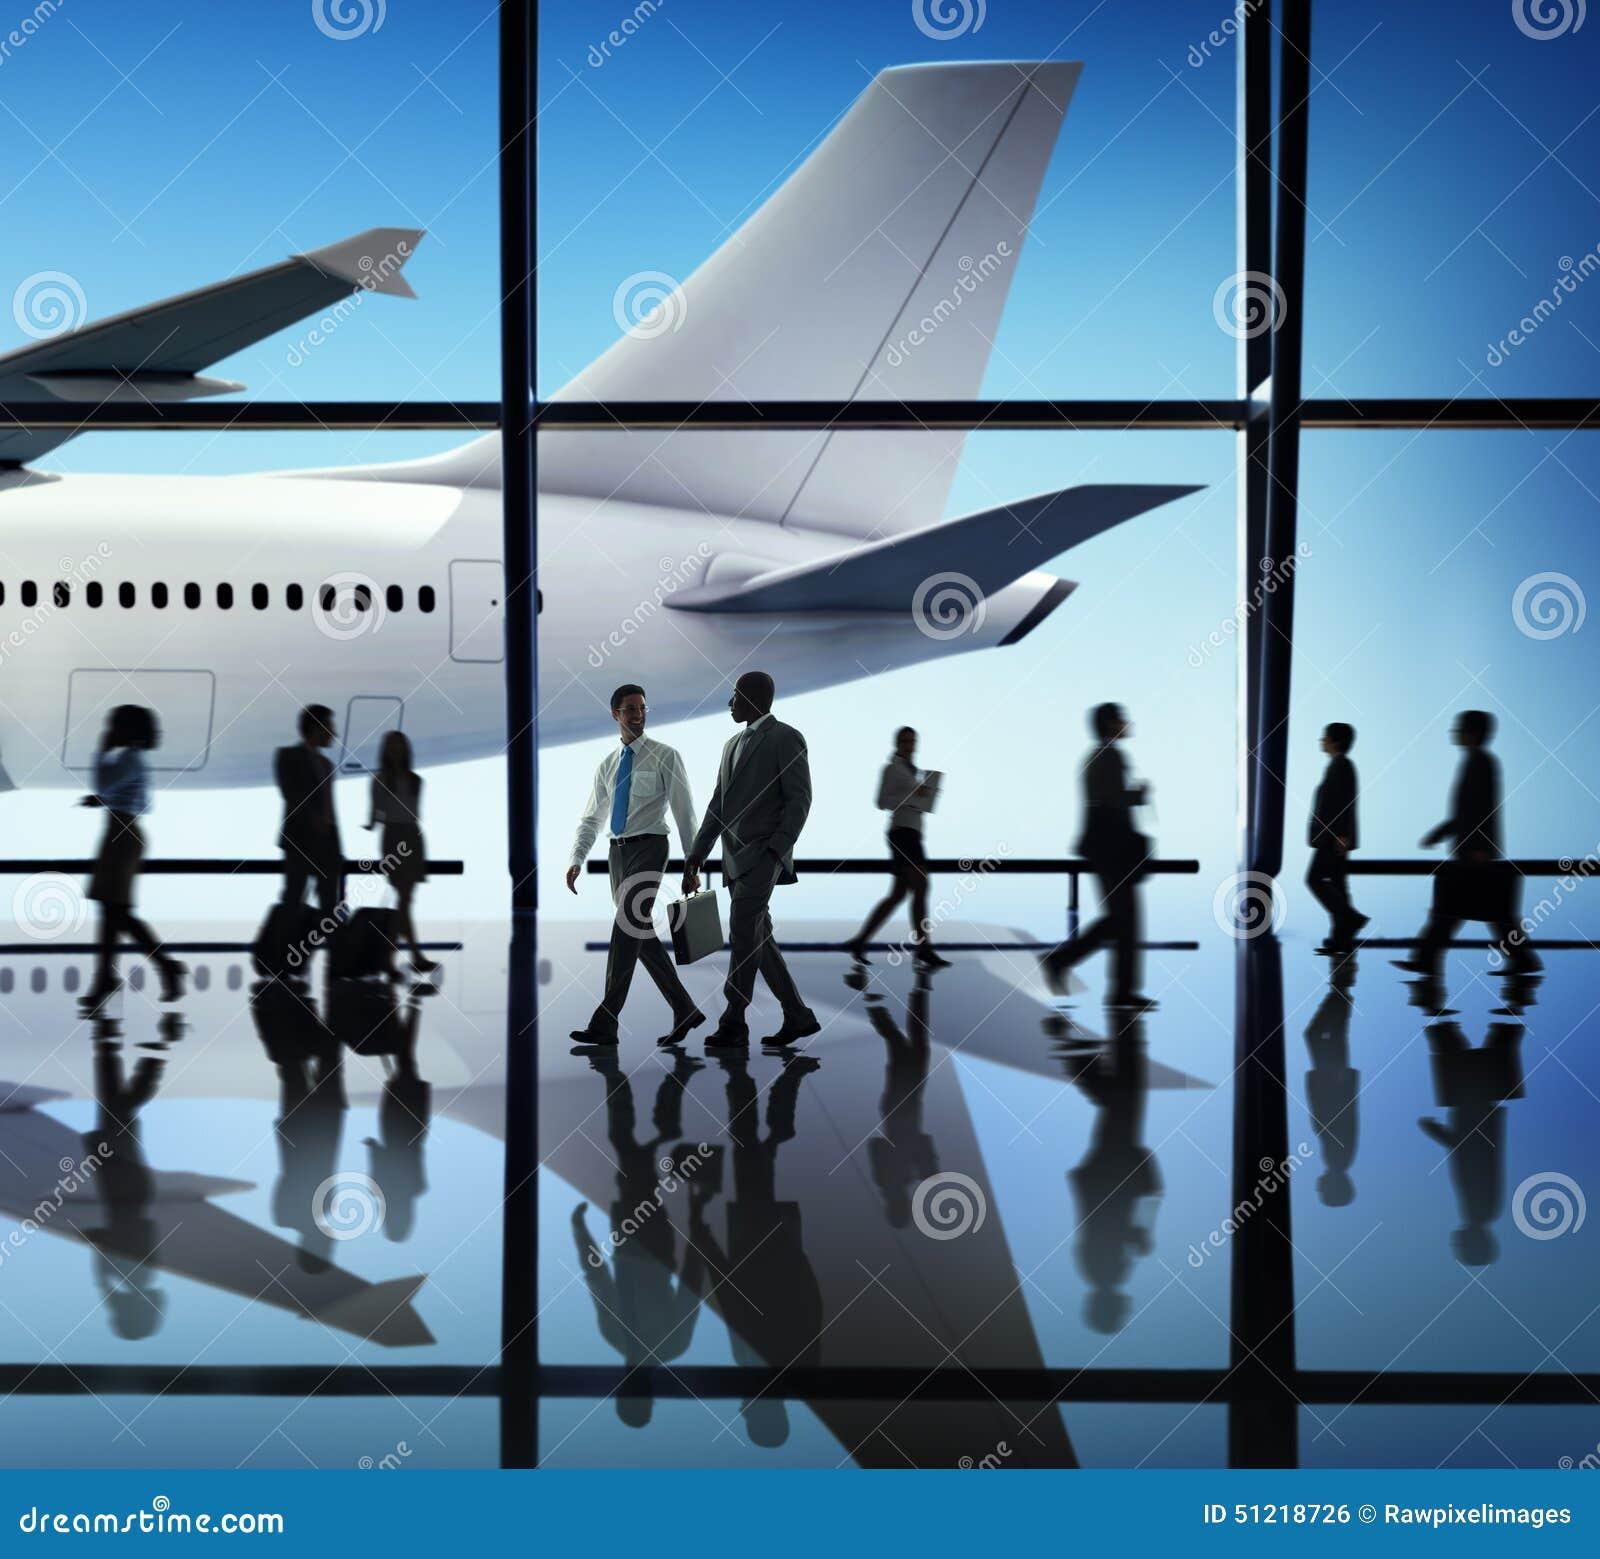 Flugzeug-Flugzeug-Flughafen-Dienstreise-Flug-Konzept